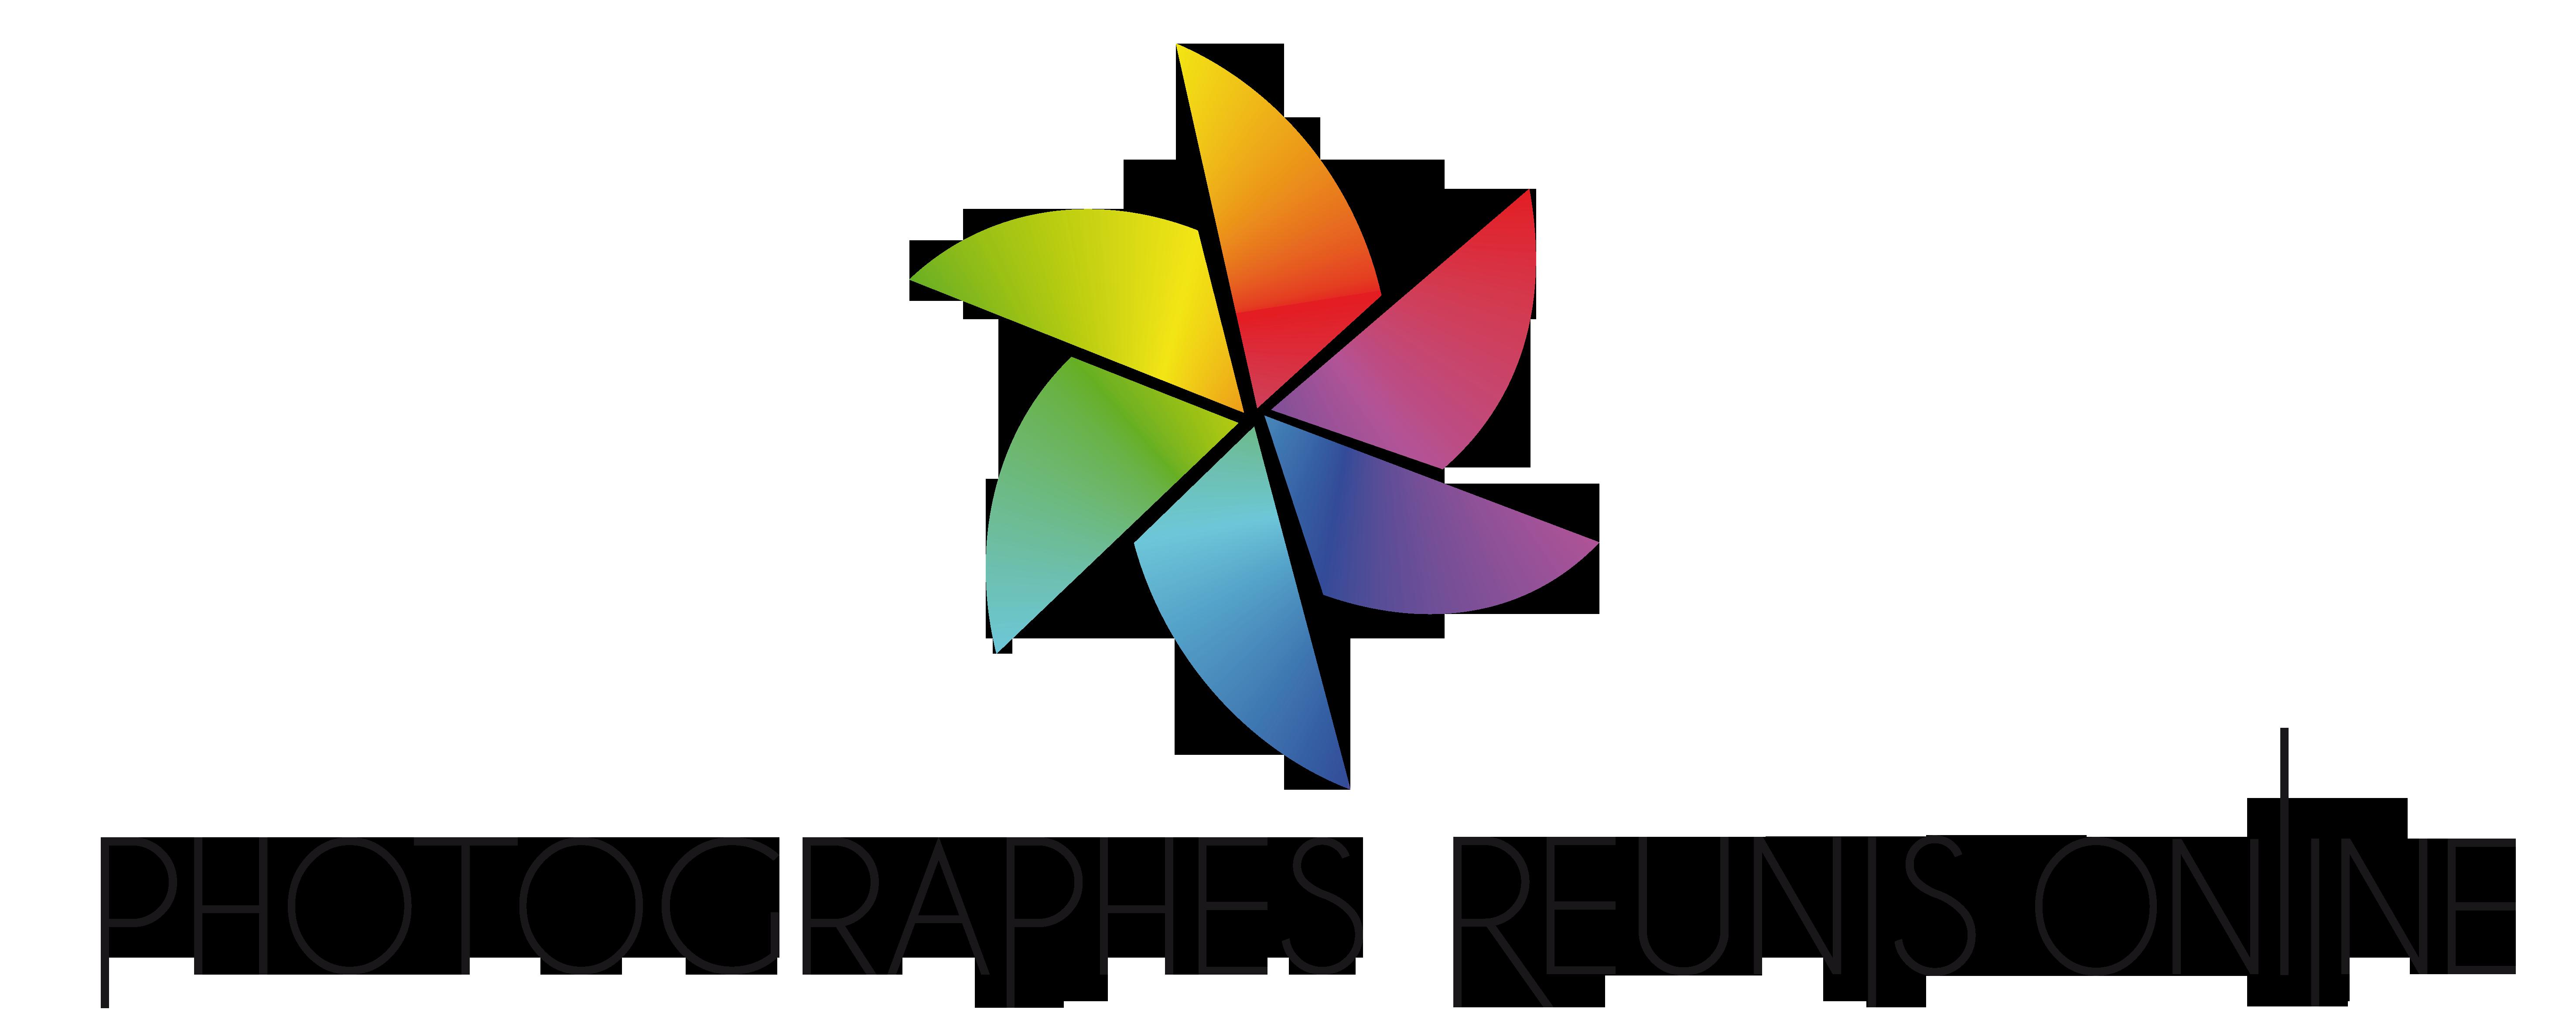 Photographes Réunis – Le Blog